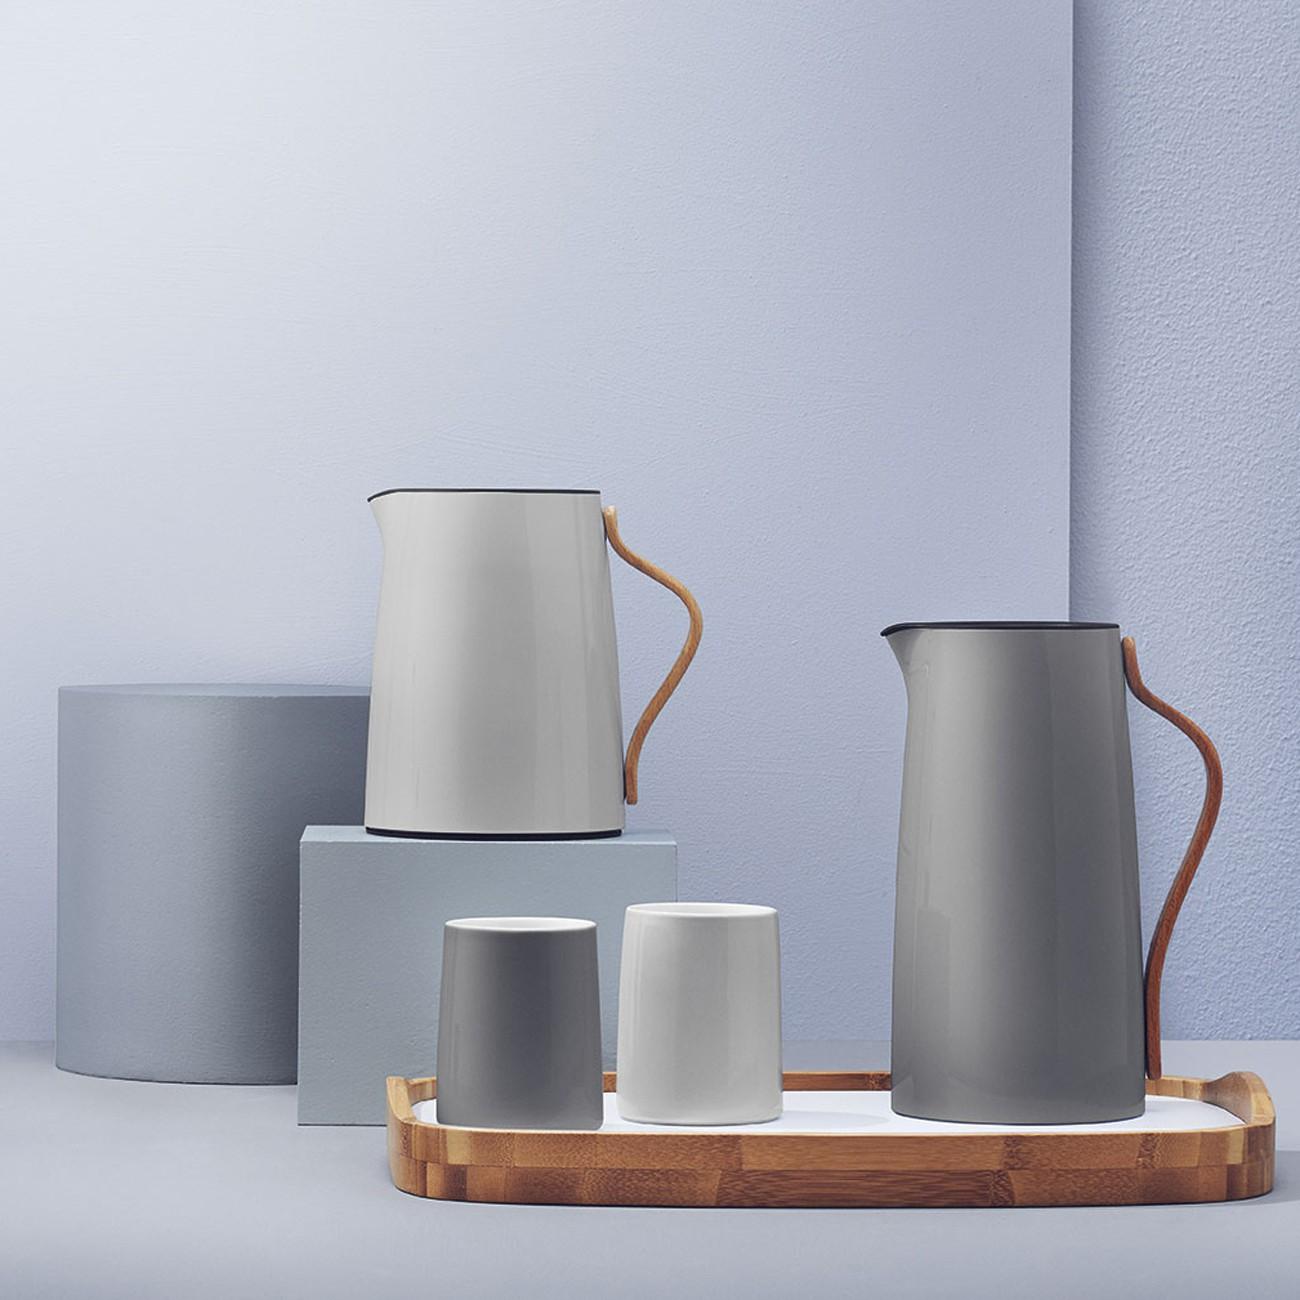 stelton emma isolierkanne kaffee 1 2 l grau kaffeekanne x 200 1 speisen servieren kannen. Black Bedroom Furniture Sets. Home Design Ideas